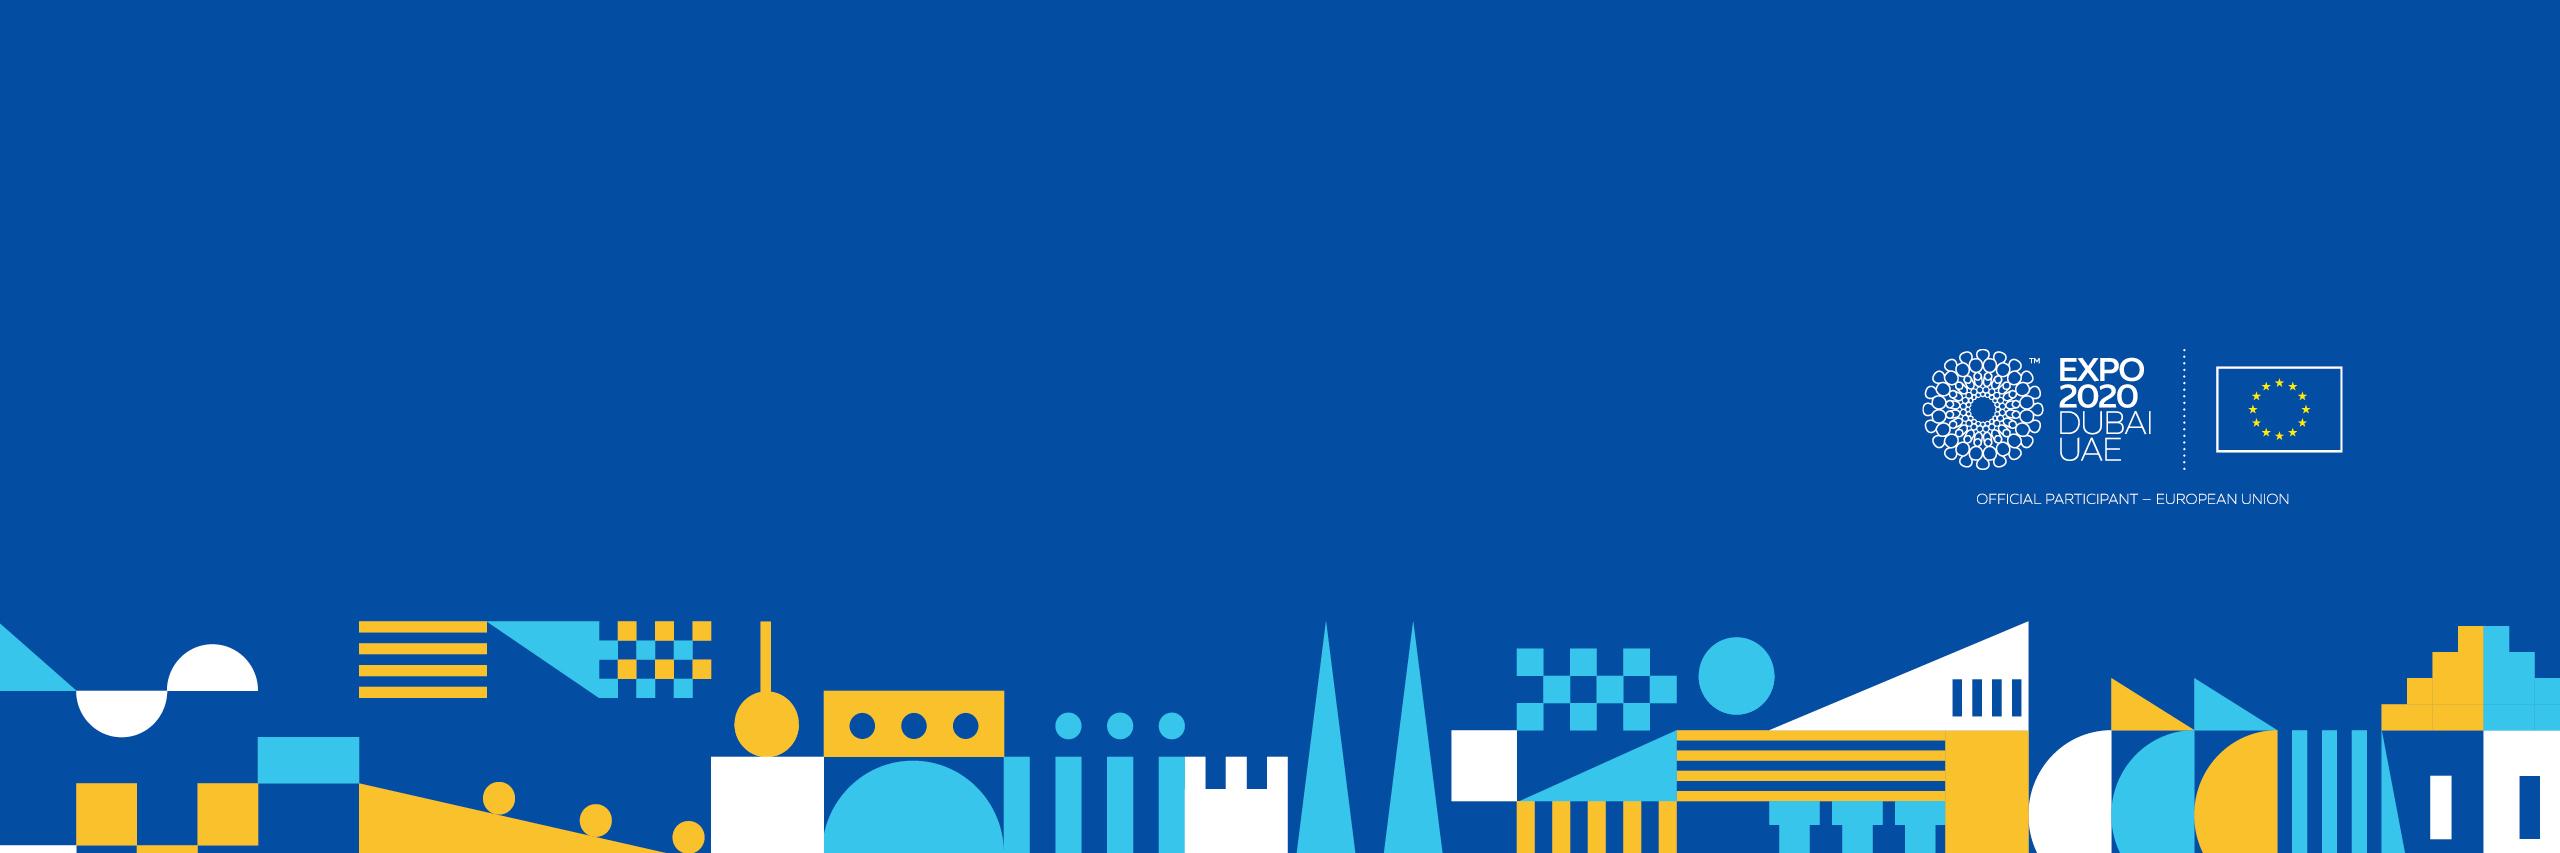 EU @ EXPO 2020 Dubai